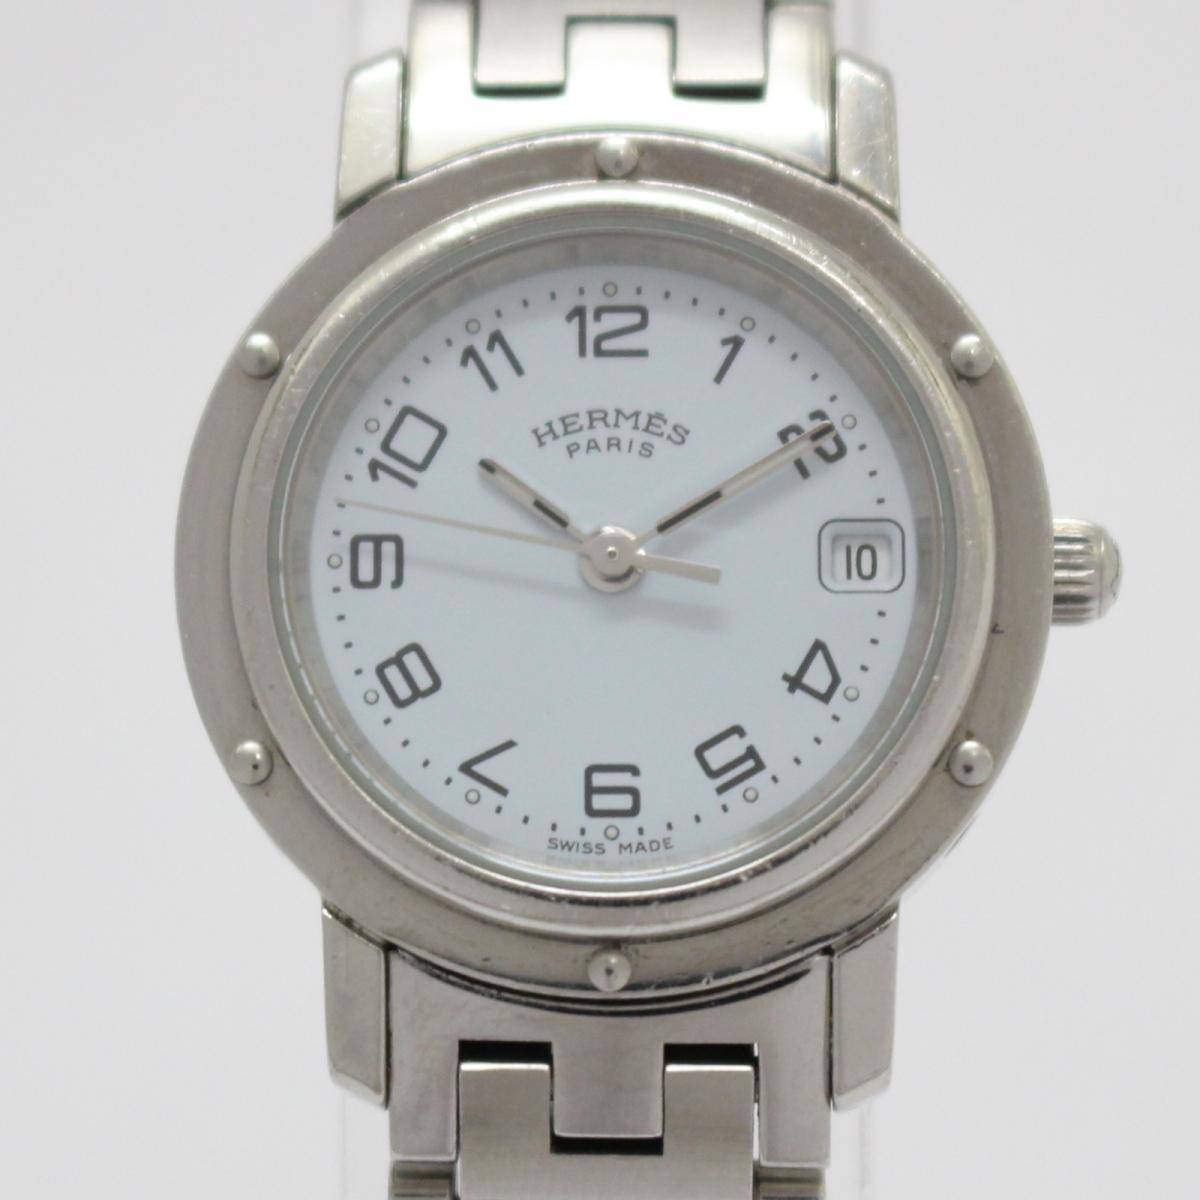 【中古】エルメス クリッパー レディースウォッチ 腕時計 レディース ステンレススチール(SS) (CL4.210)